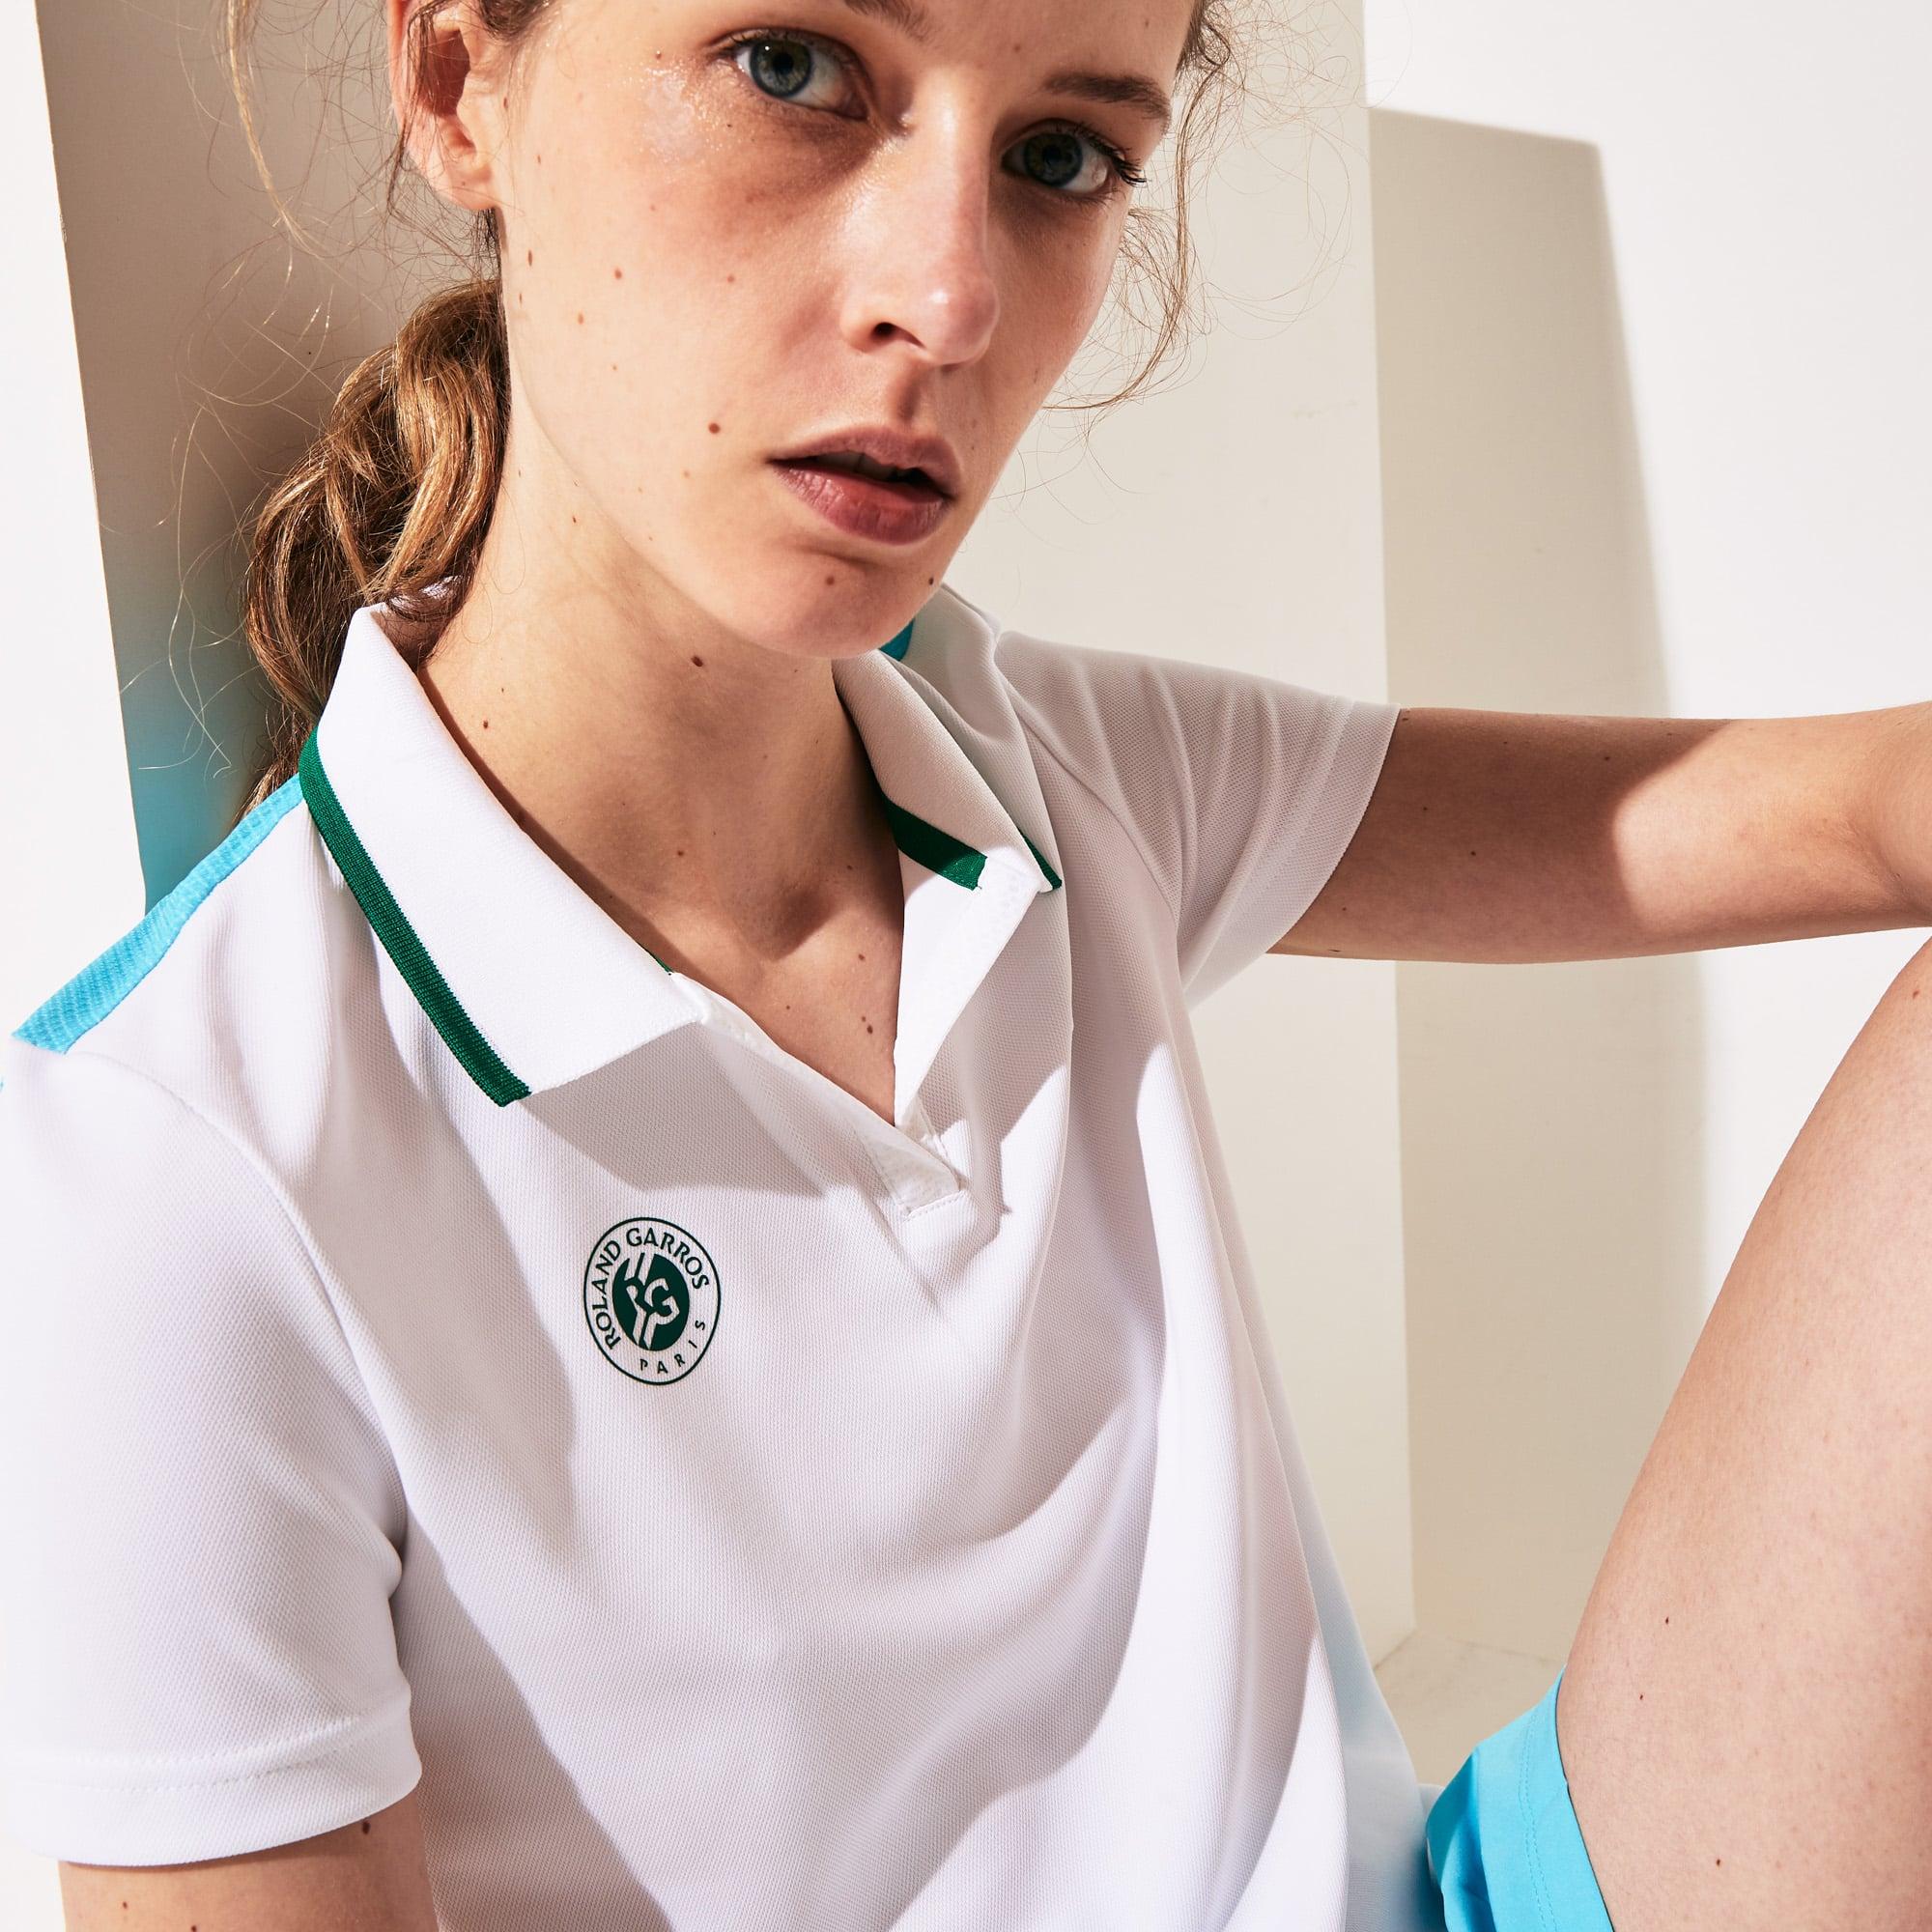 라코스테 스포츠 '롤랑가로스 에디션' 옴브레 폴로셔츠 Lacoste Womens SPORT Roland Garros Ombre-Print Polo Shirt